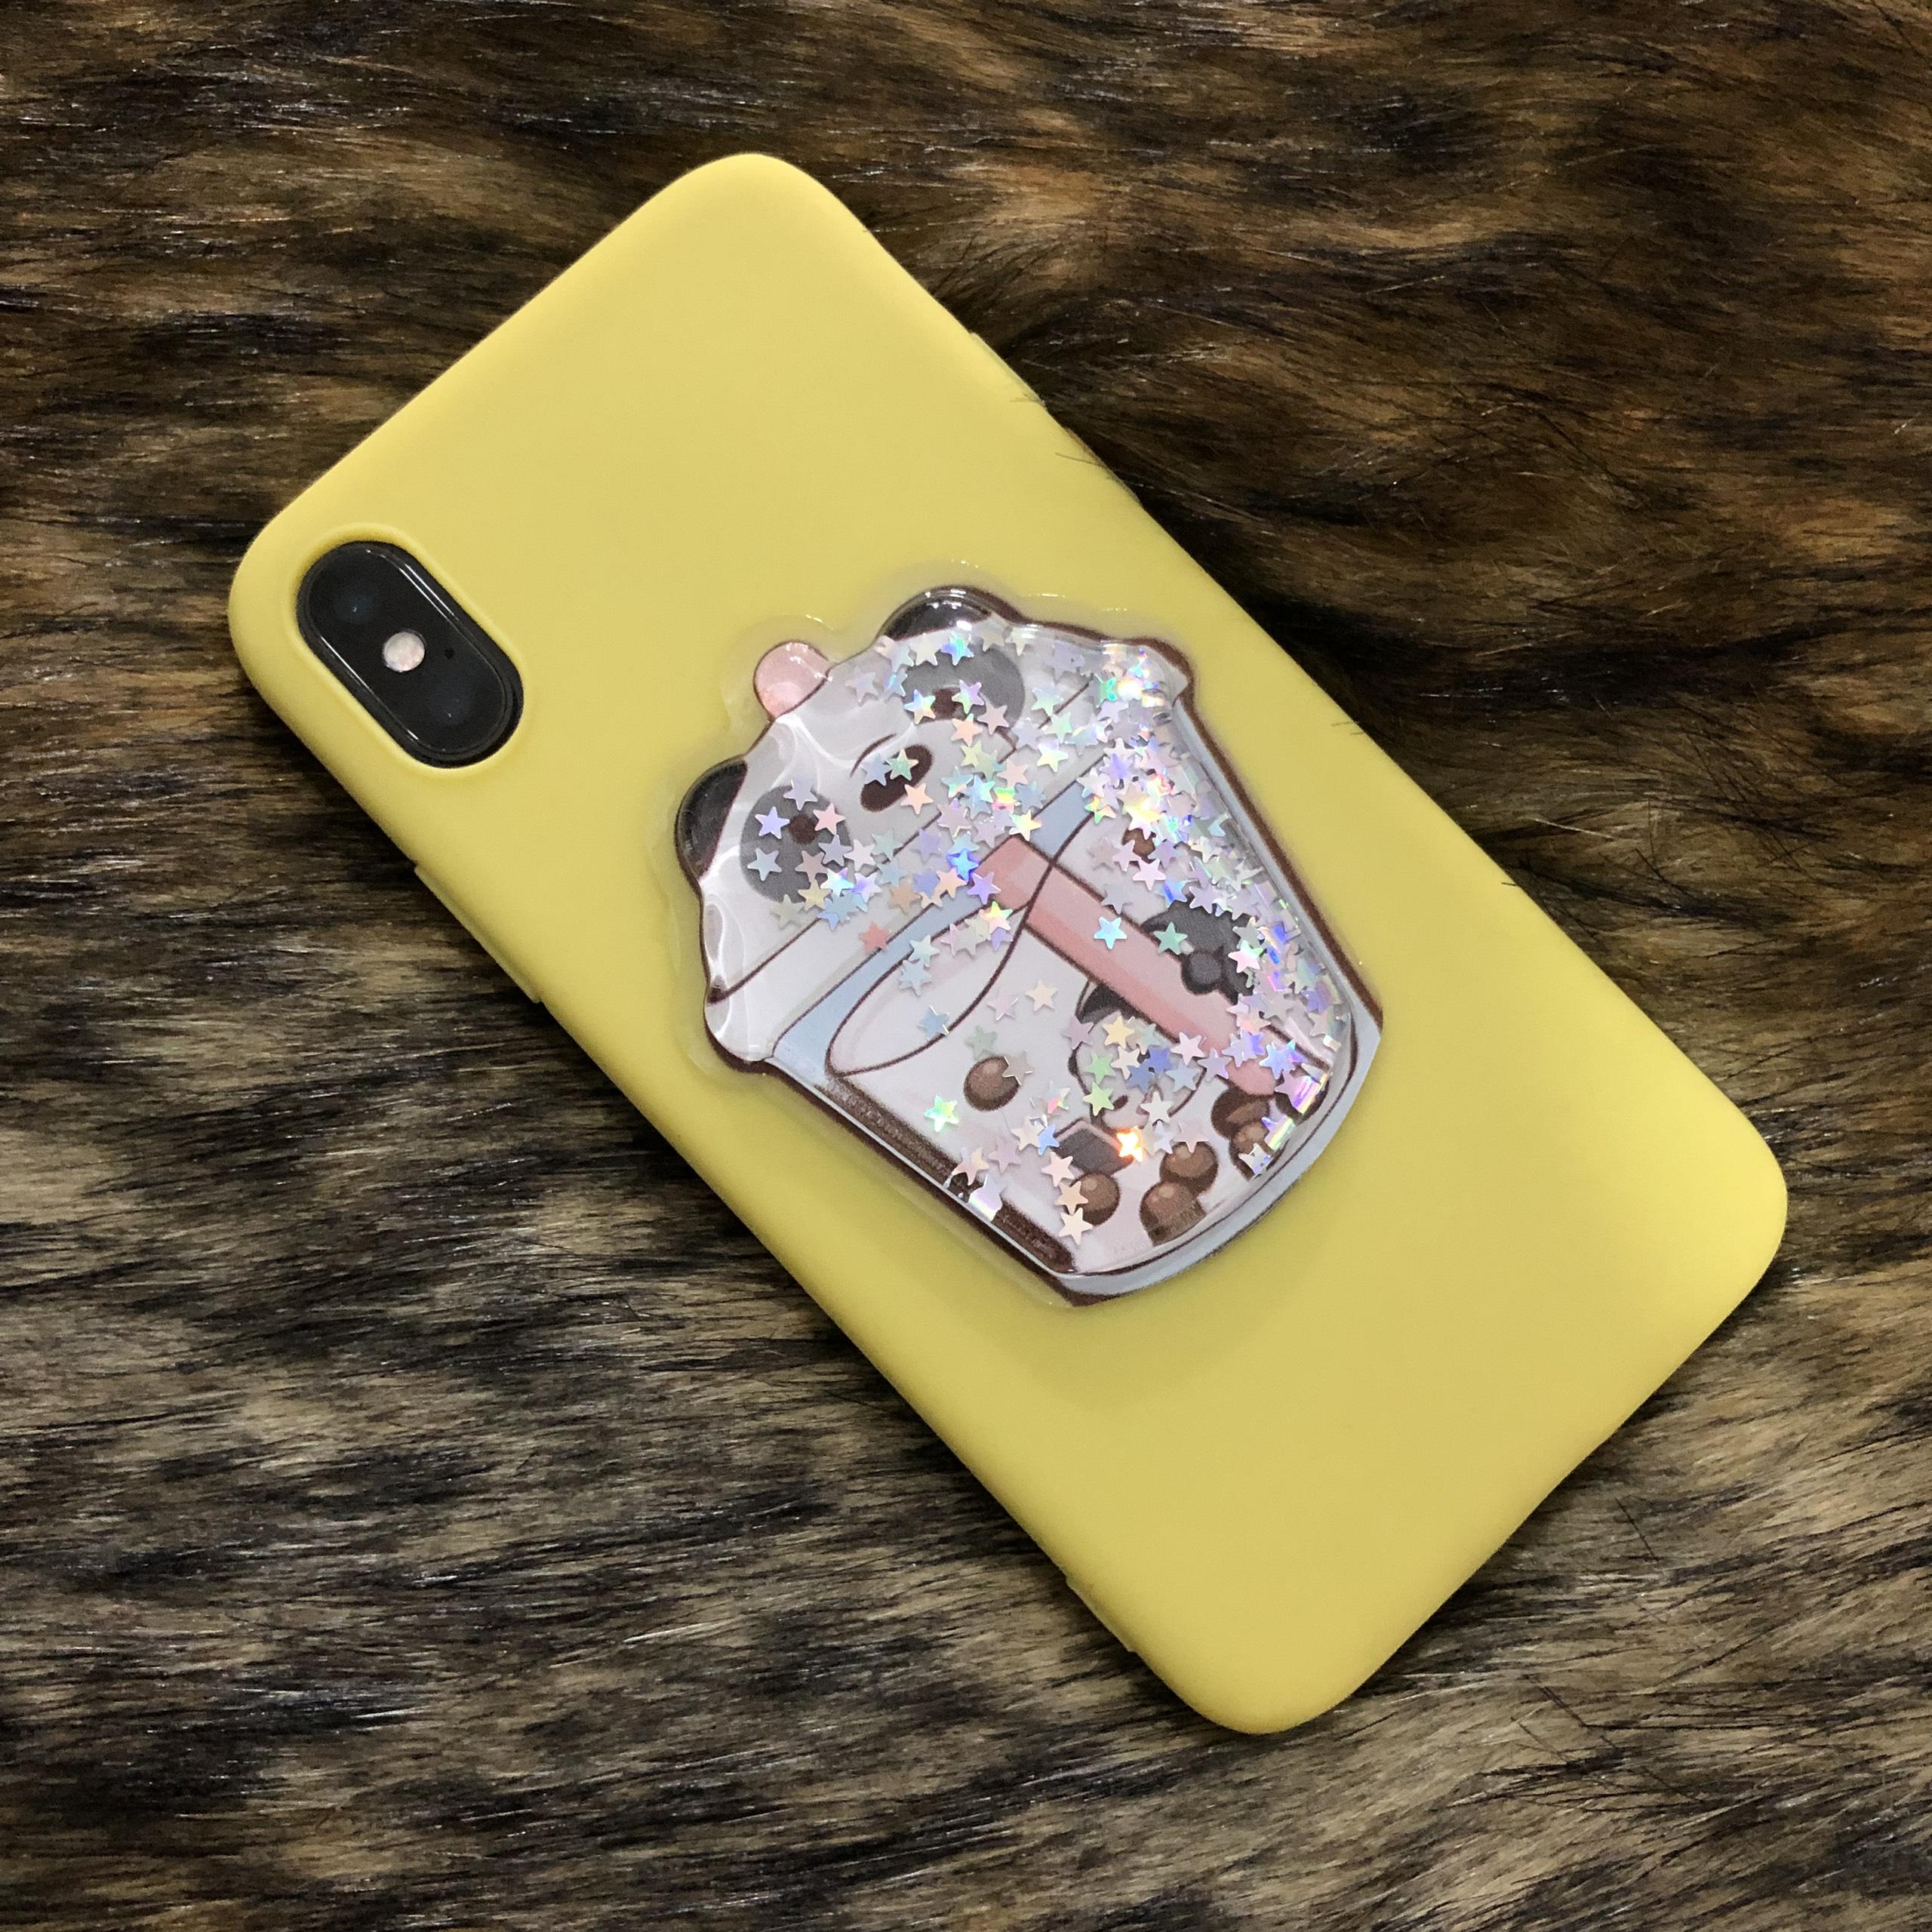 Ốp Dẻo TPU Hình Trà Sữa Nổi Dành Cho Iphone - Màu Vàng